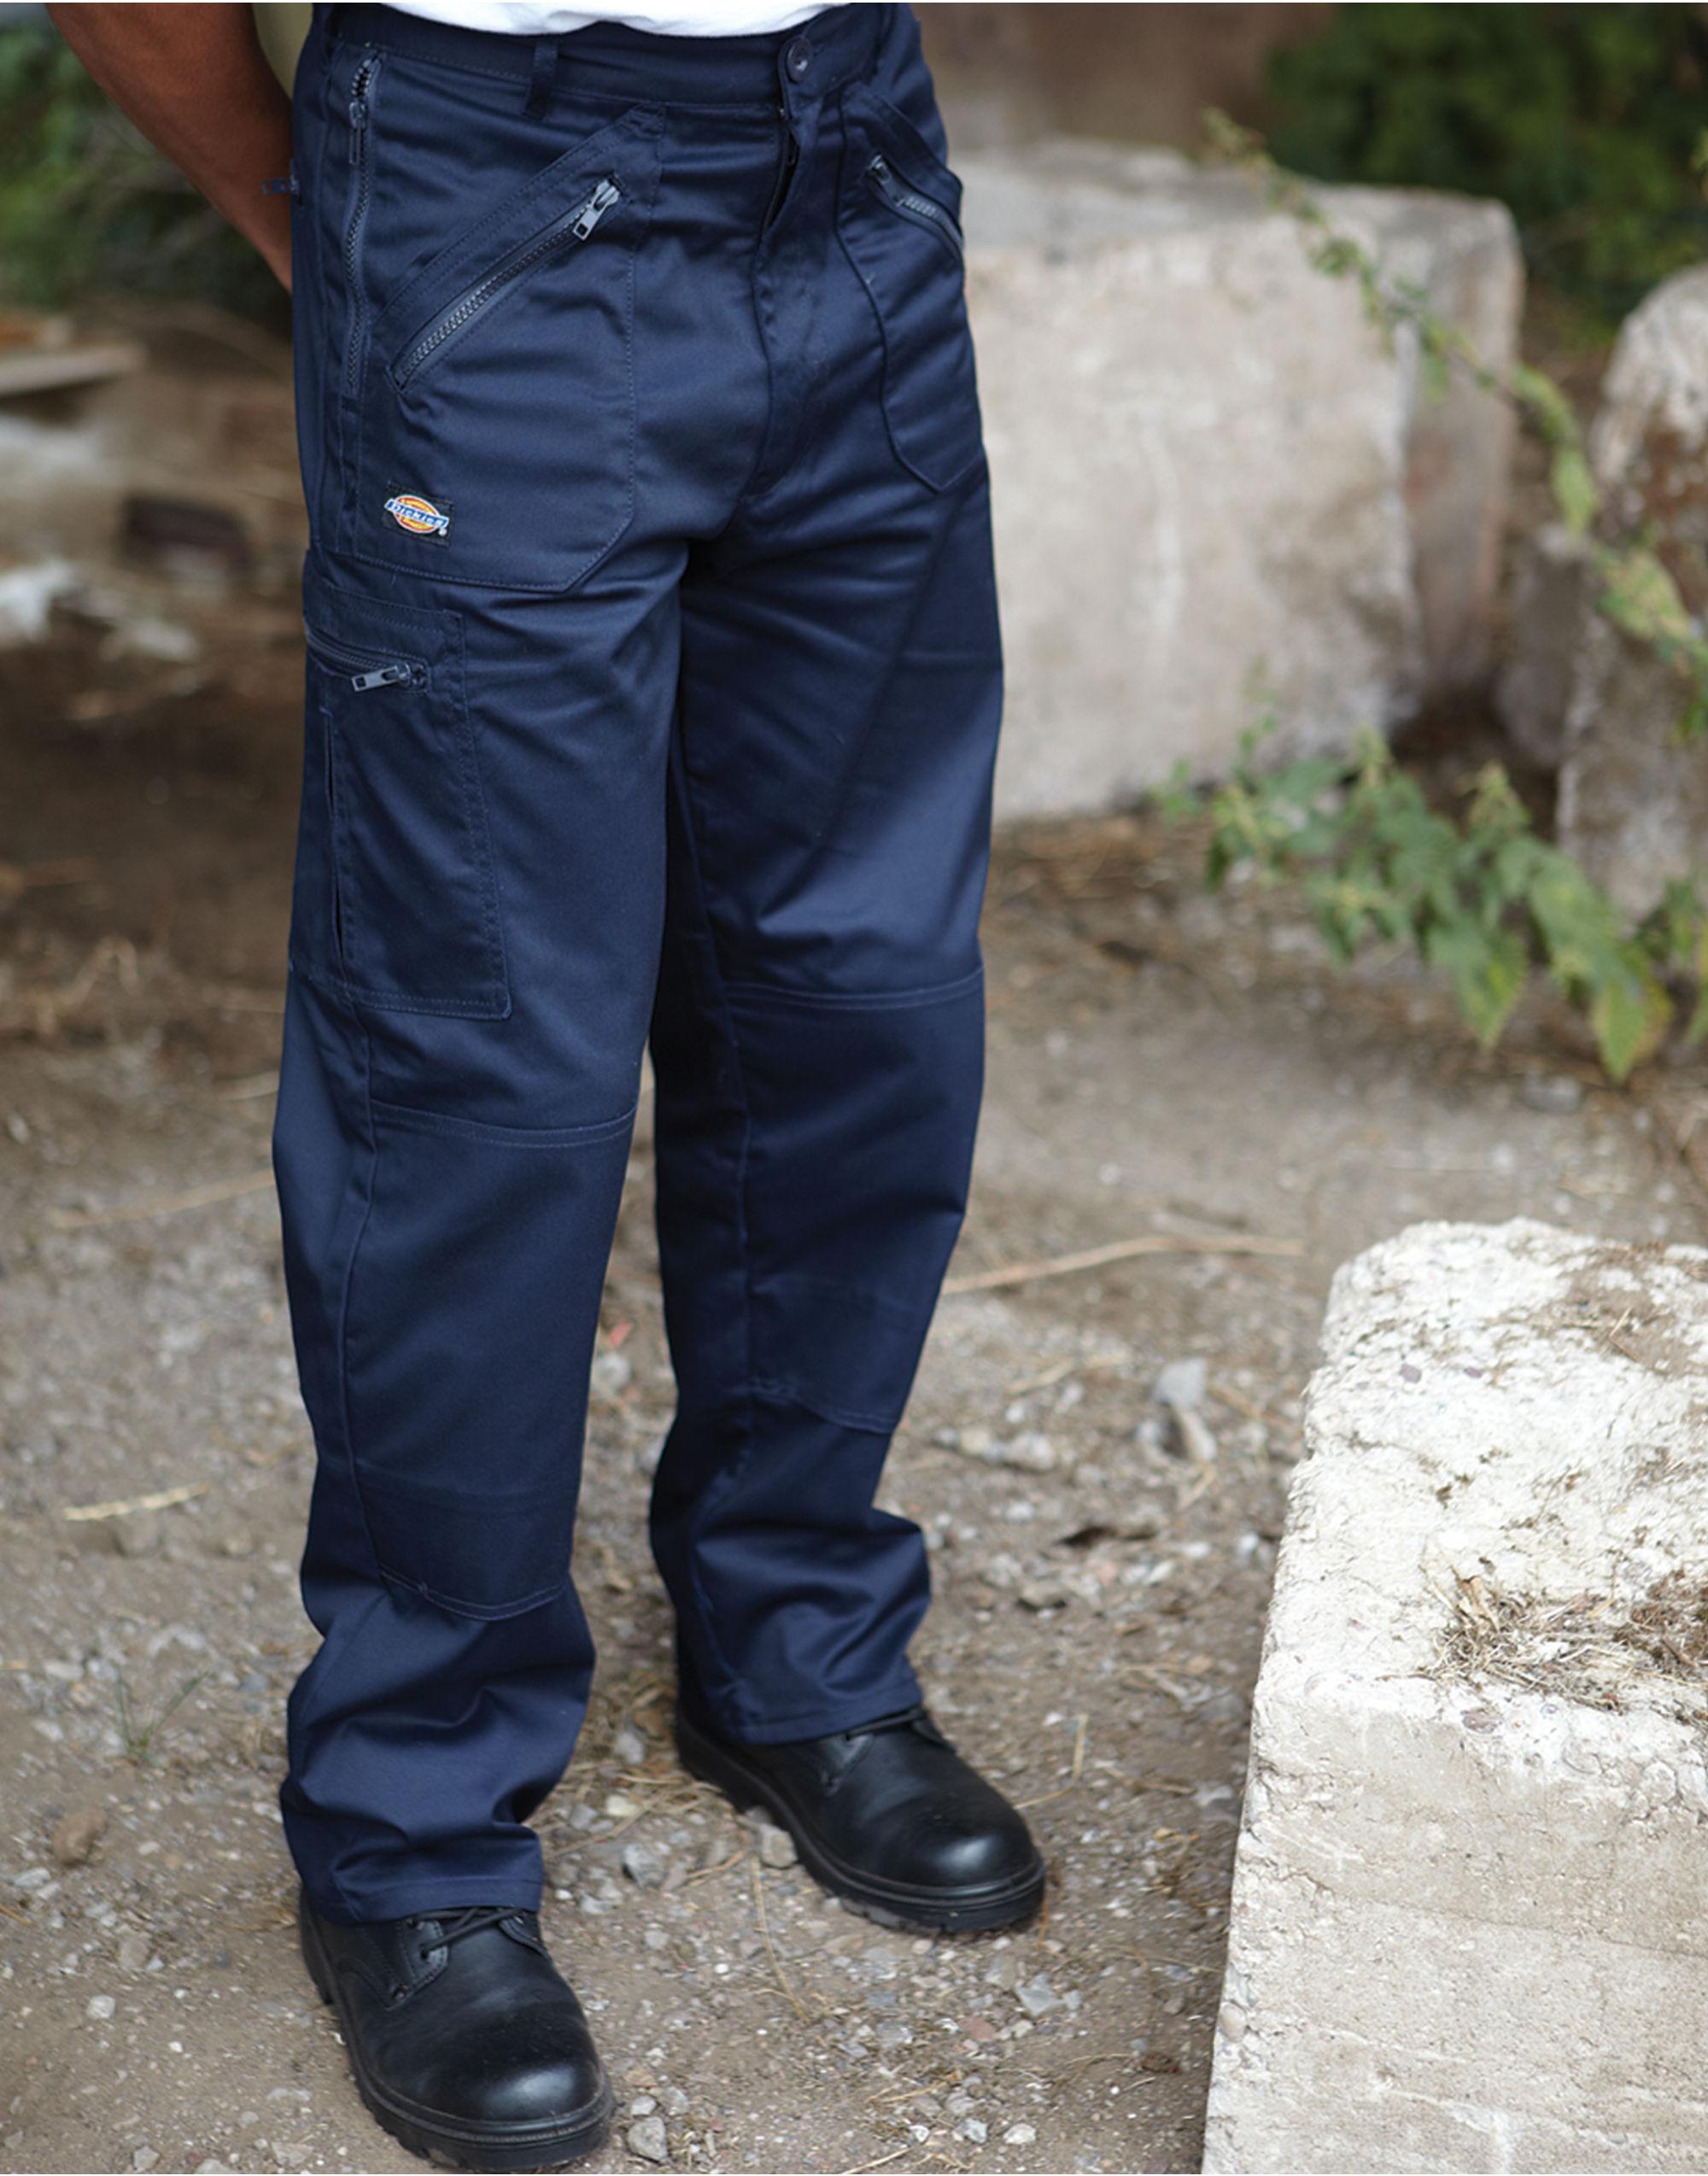 Dickies Redhawk Men's Action Trouser (Reg)